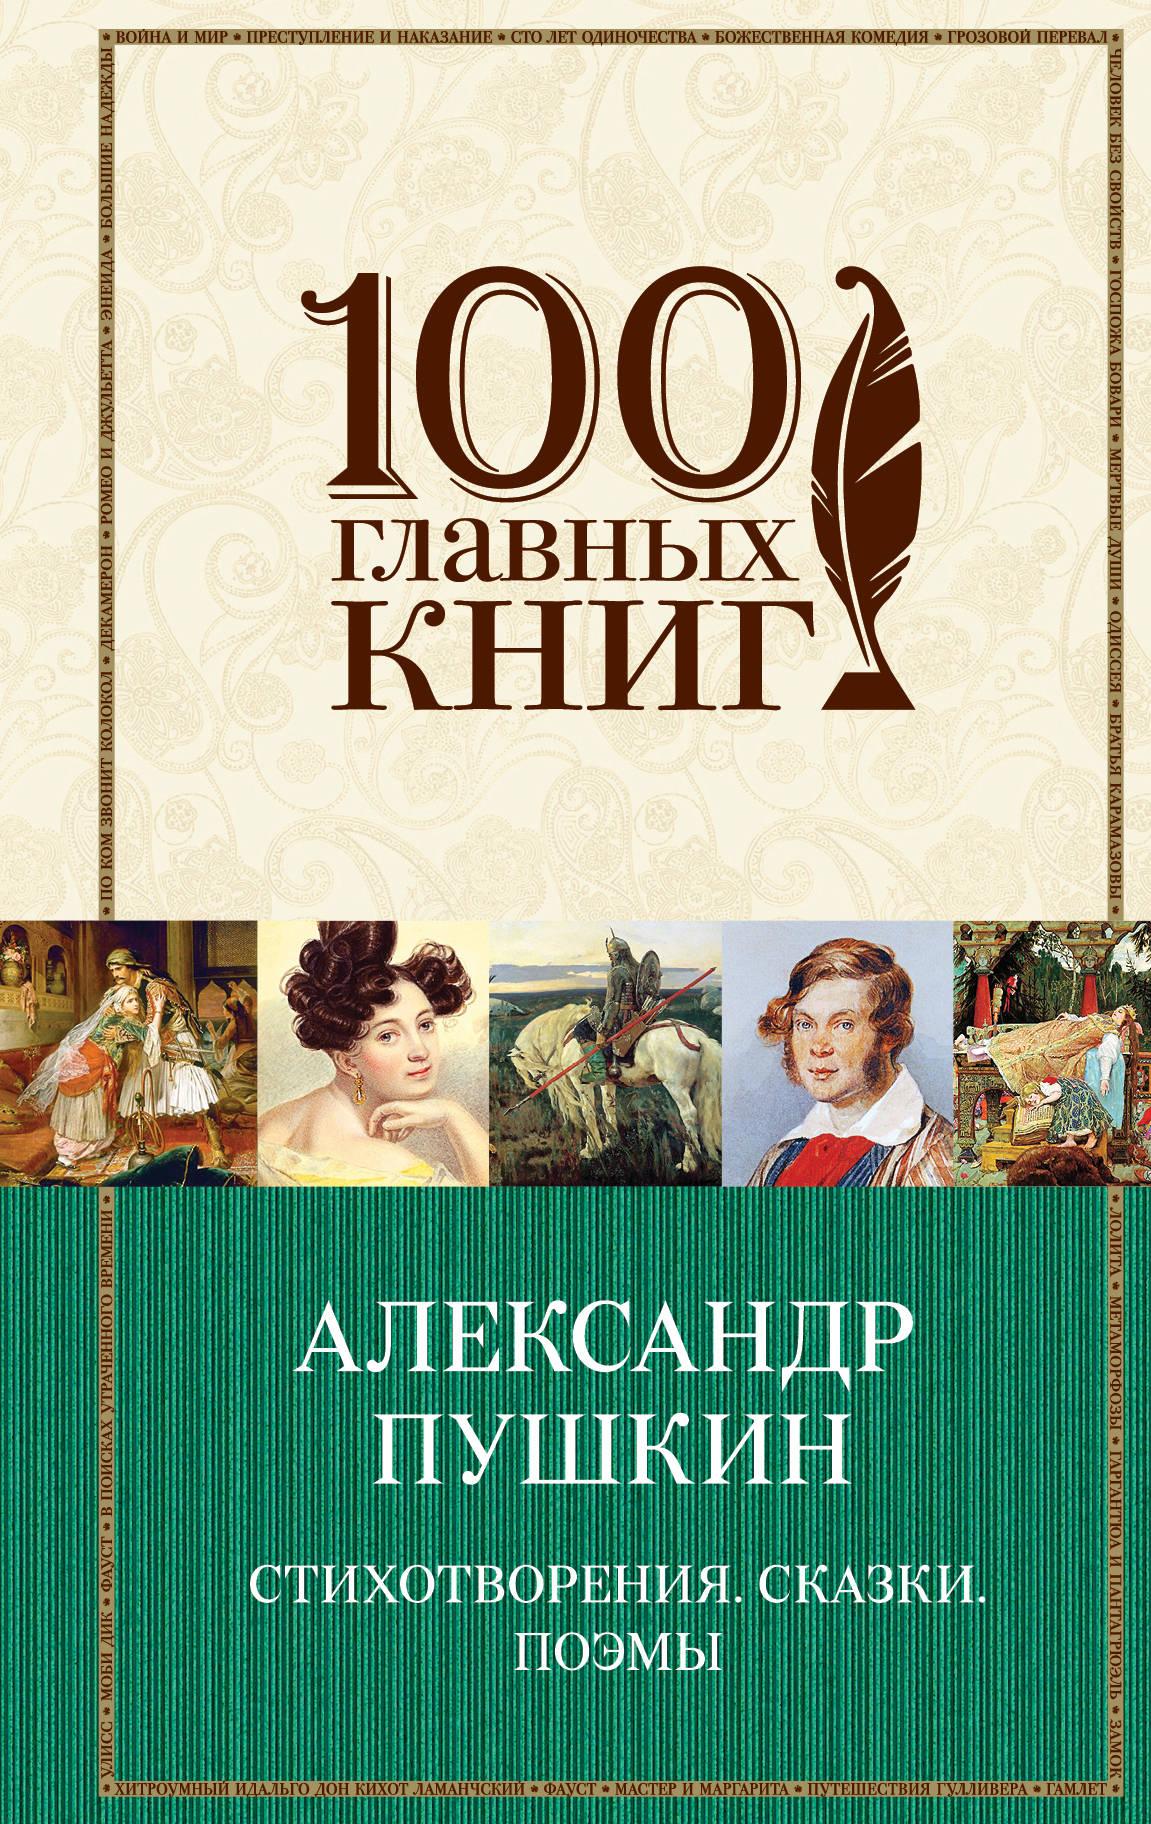 Александр Пушкин Александр Пушкин. Стихотворения. Сказки. Поэмы